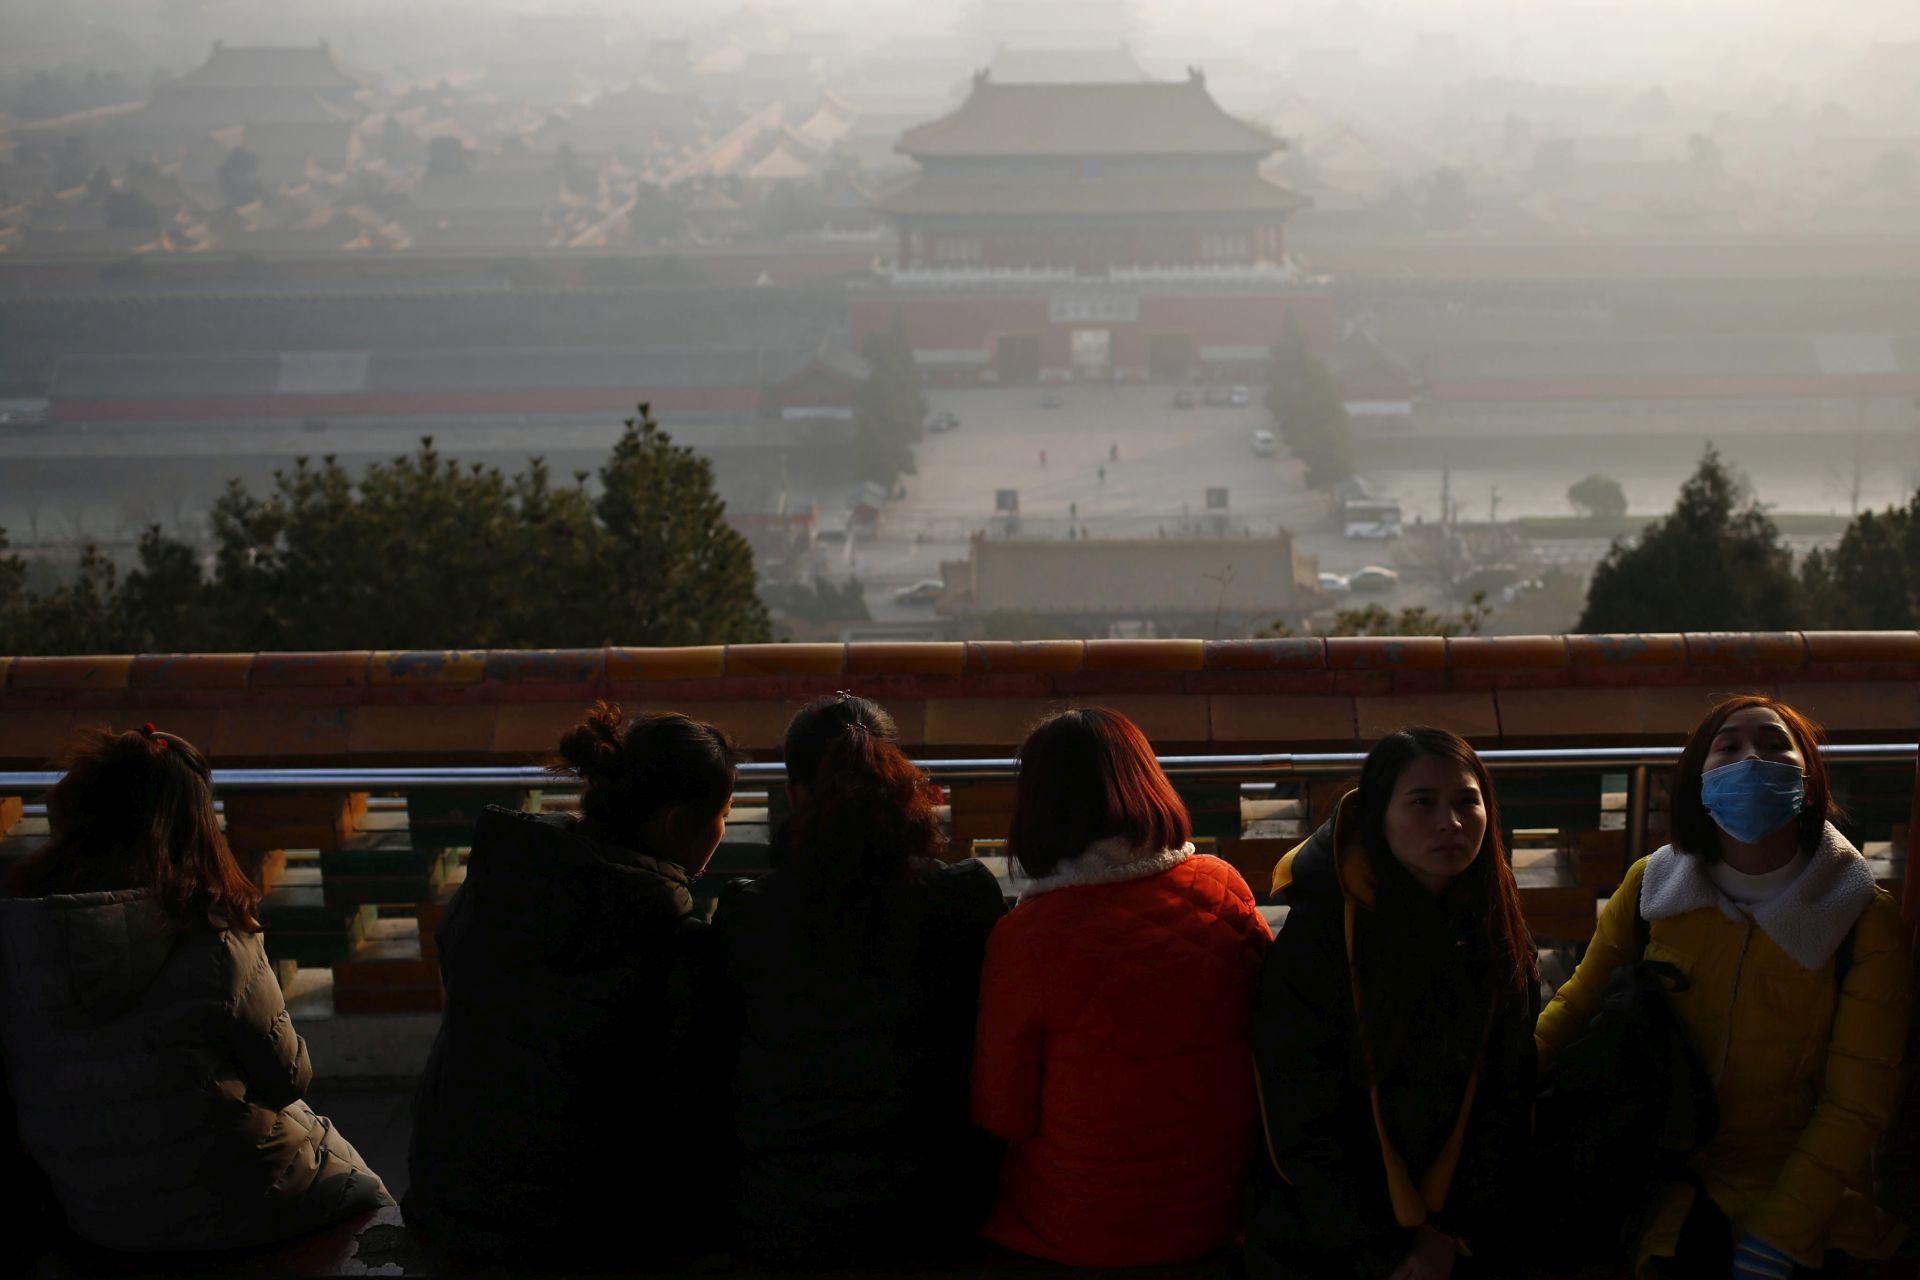 ONEČIŠĆENJE ZRAKA: U kineskom gradu zagađenost 100 puta veća od dopuštene